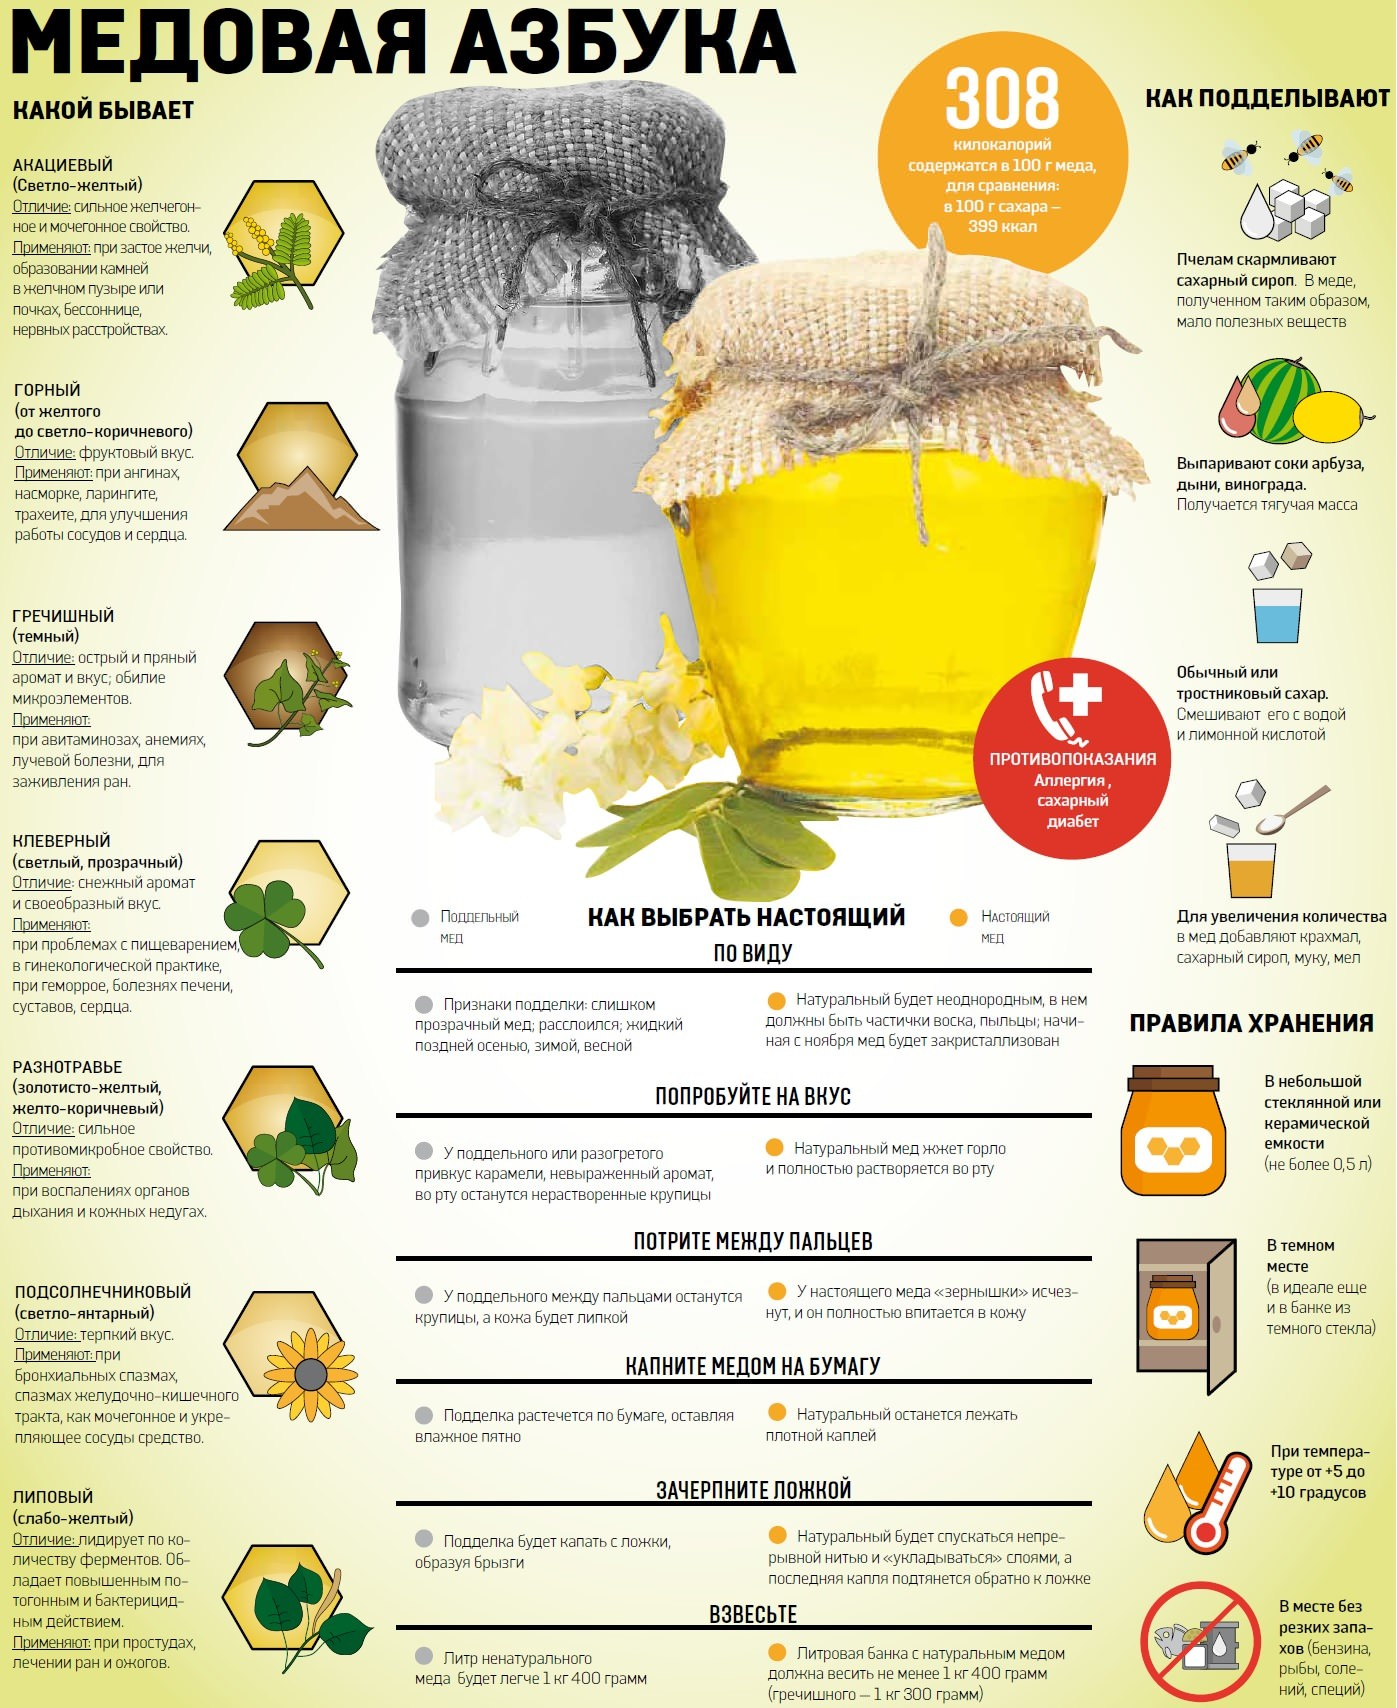 Инфографика: медовая азбука